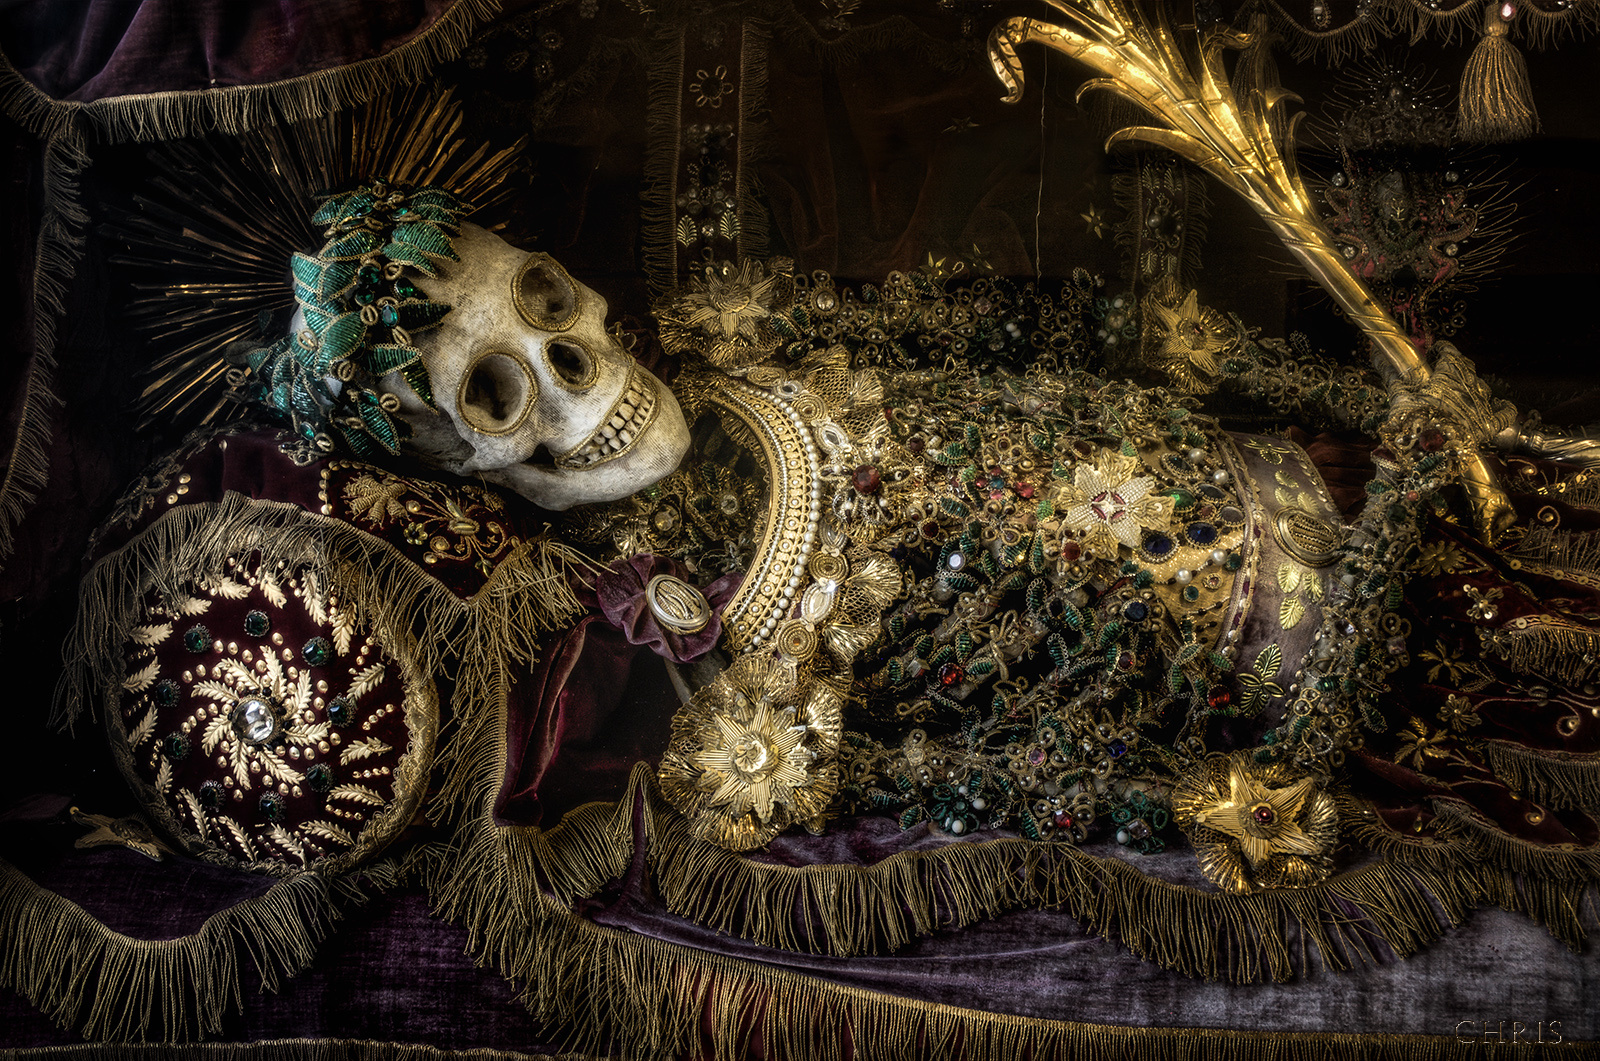 Конвейер бриллиантовых скелетов 18aff22165cf0c88ecfdf56a417d3c09.jpg